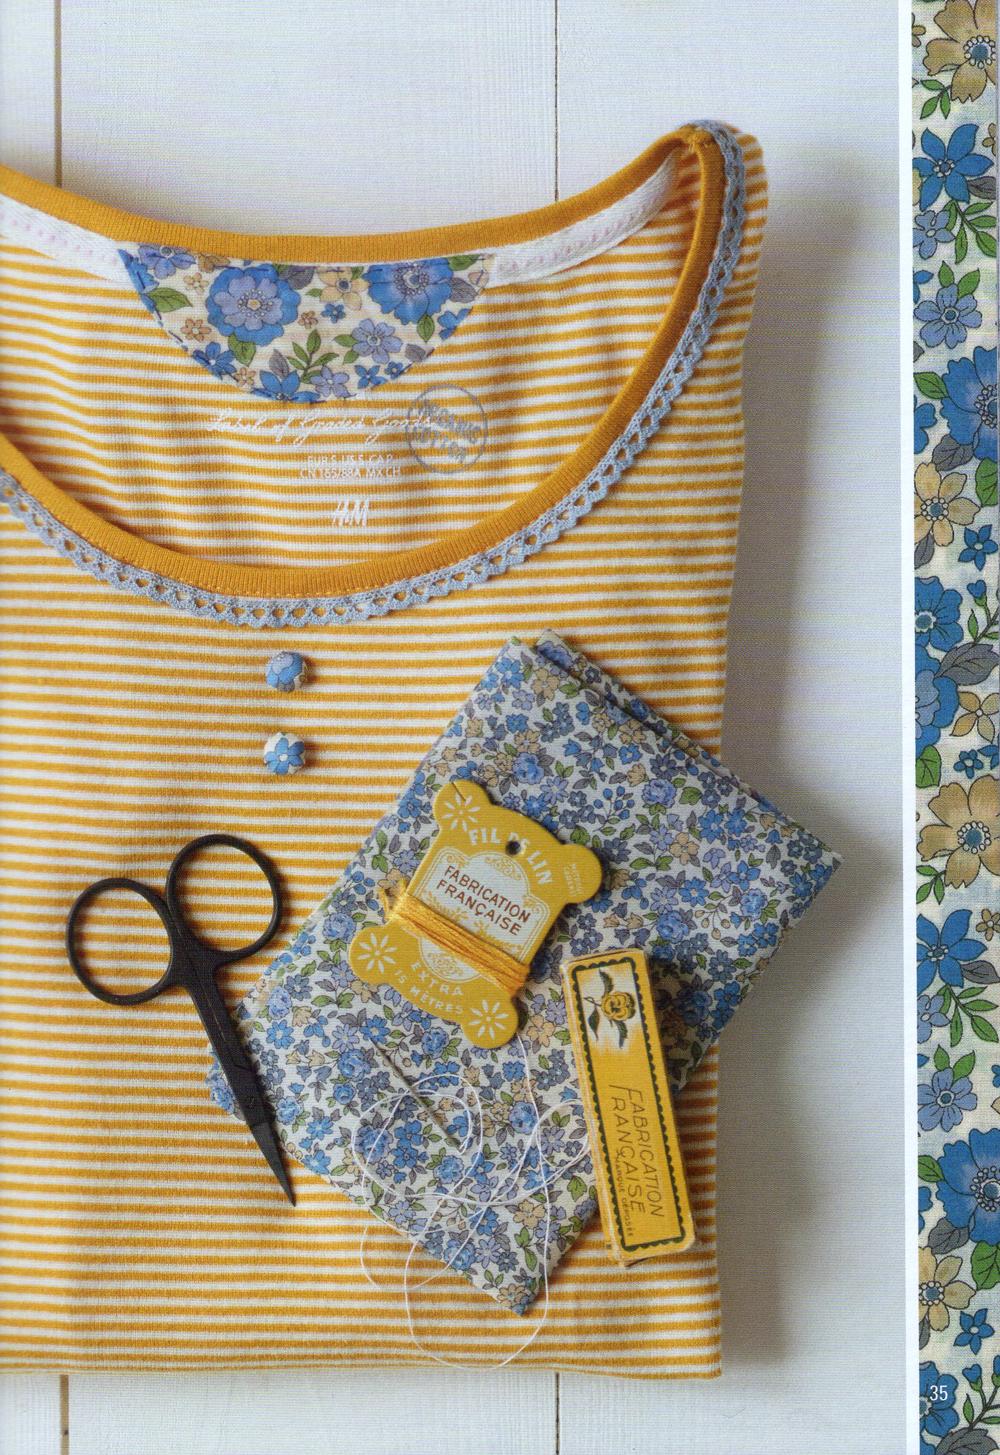 Customisation-couture-livre-Frou-Frou-aux-editions-Marie-Claire-de-Lise-Meunier-10